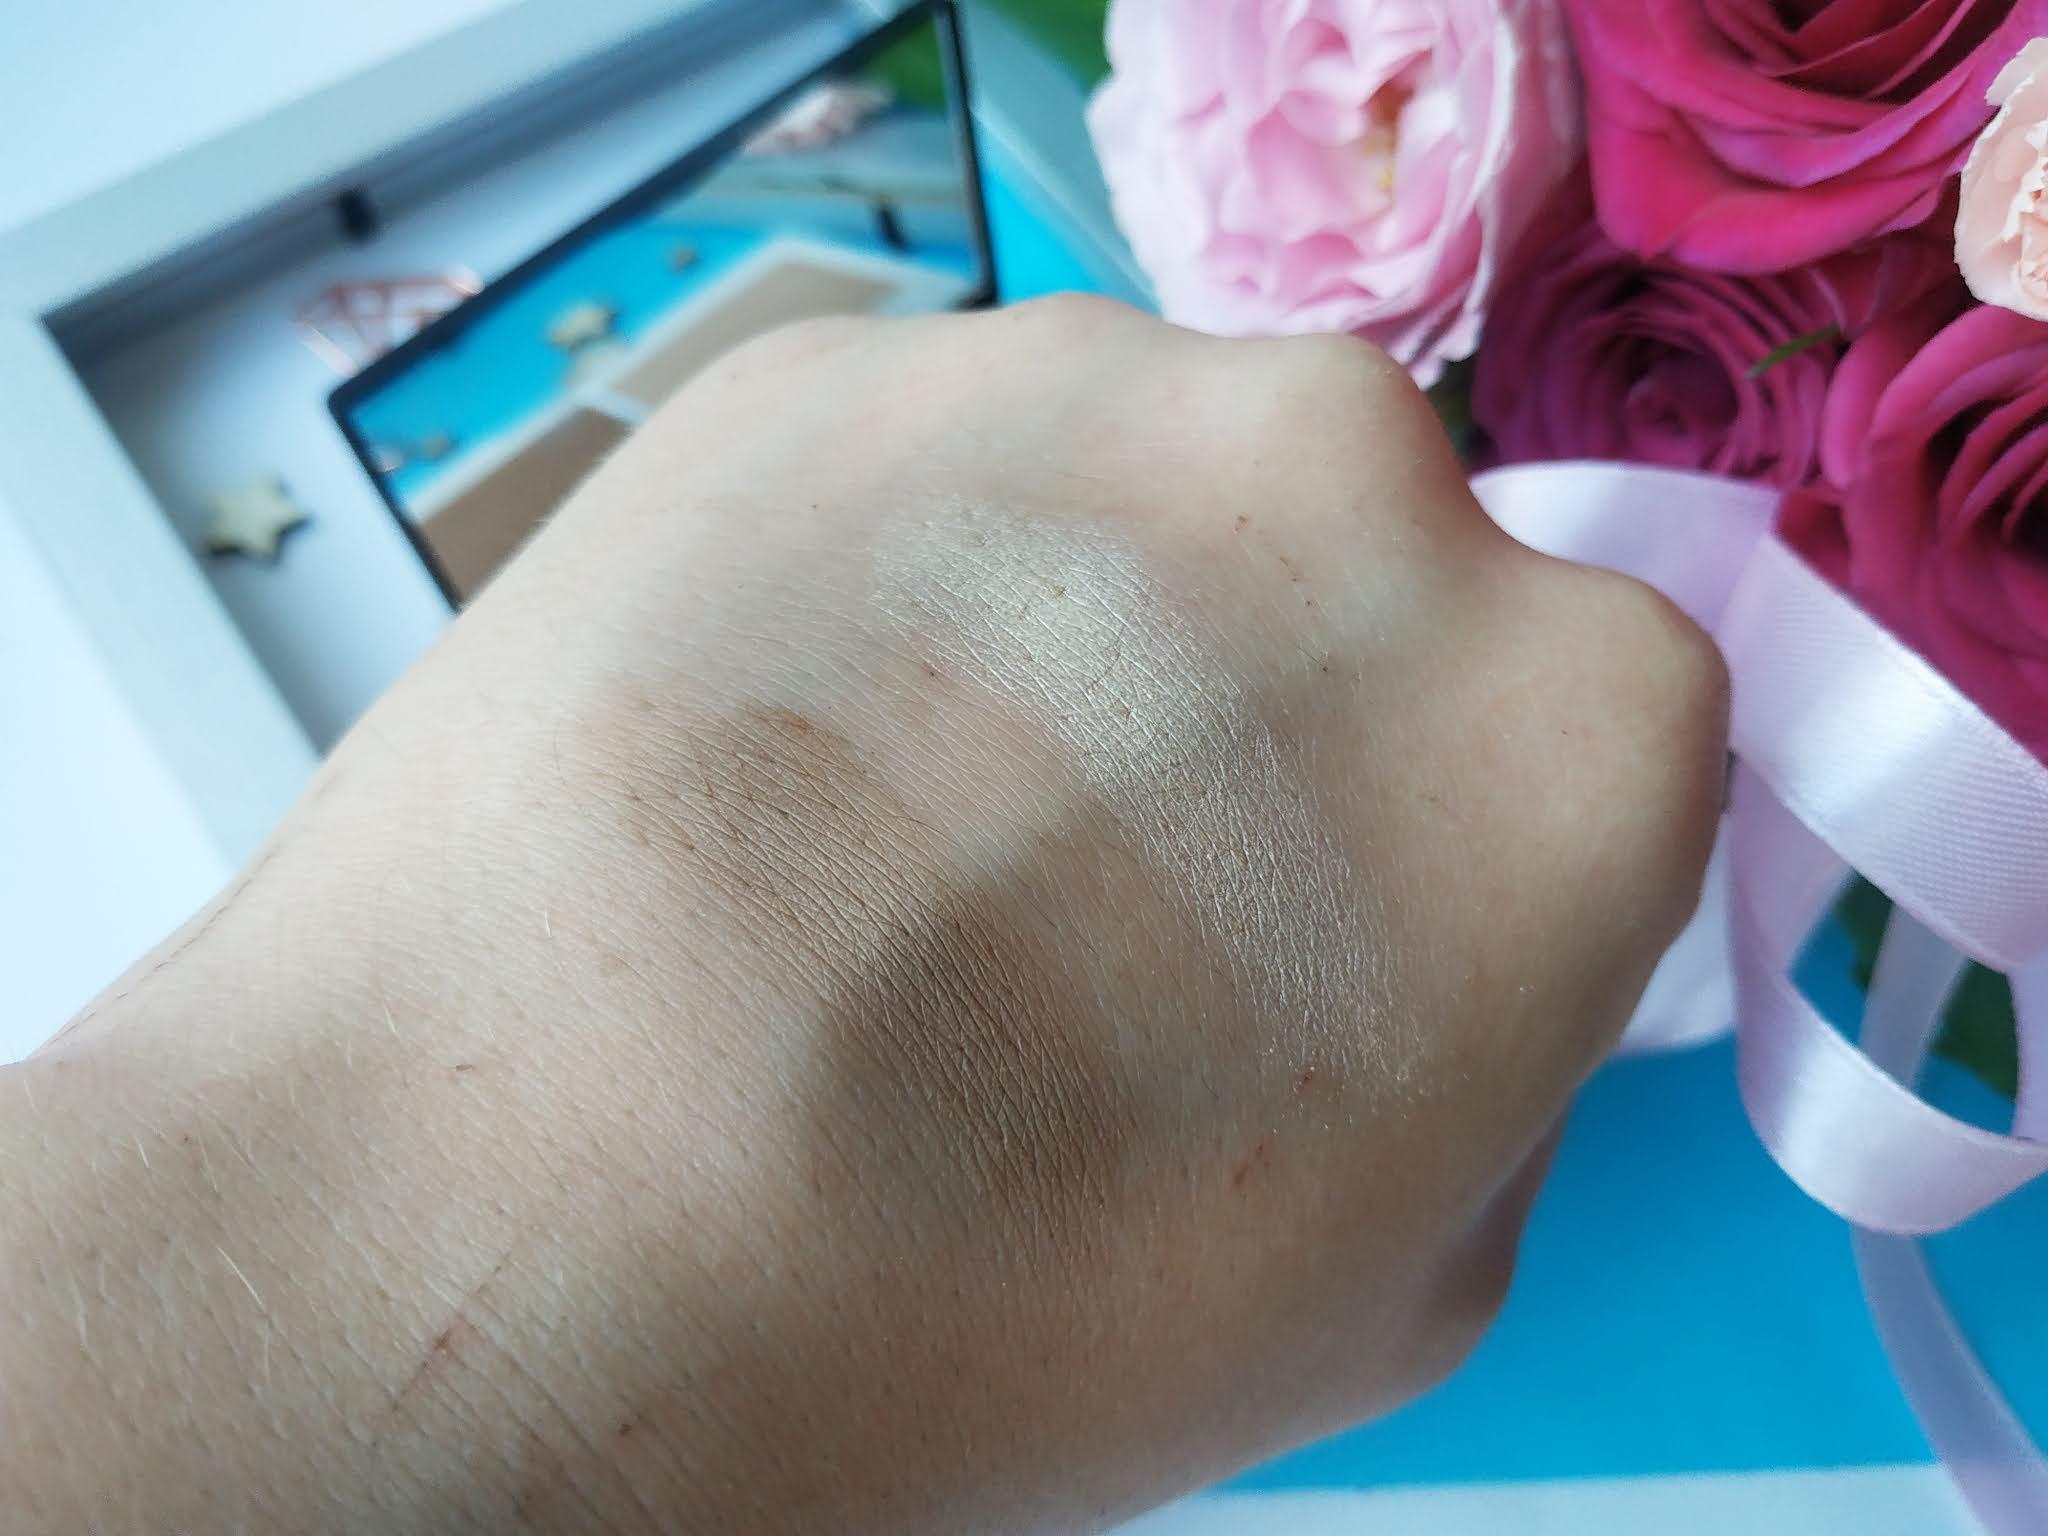 Zestaw do konturowania twarzy Lily Lolo swatche naturalne światło